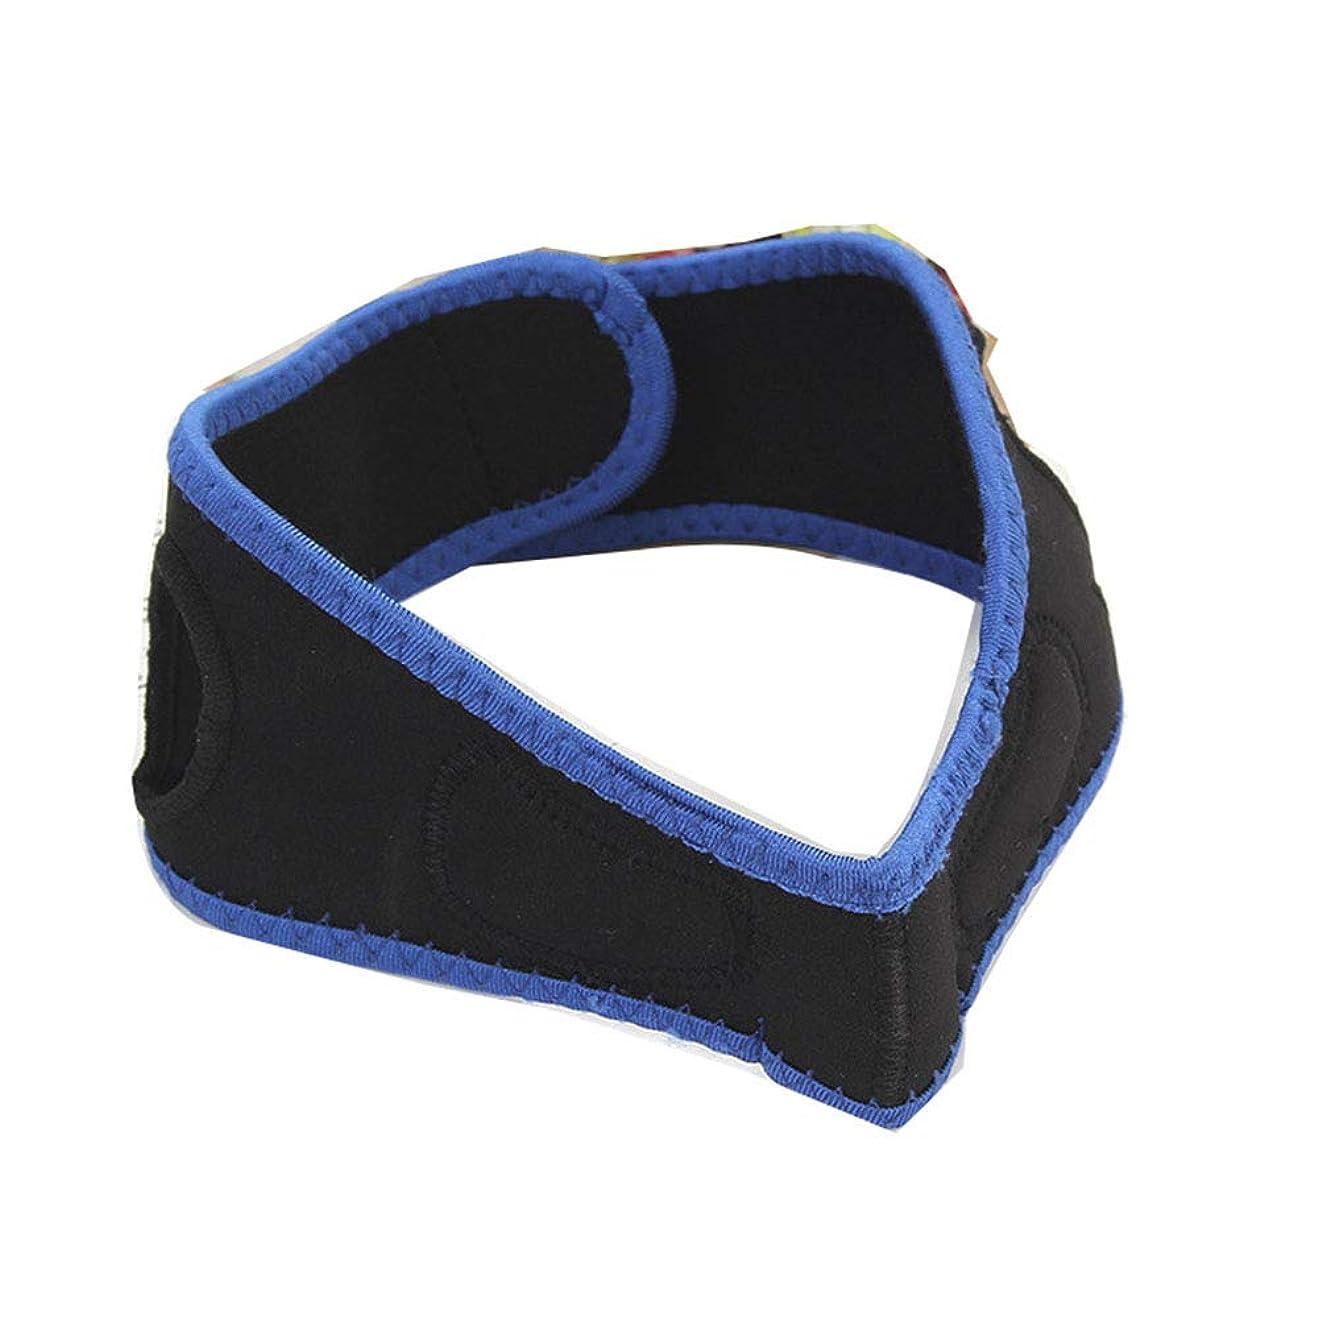 阻害するアレルギーベット男性と女性の顔を持ち上げるベルト、睡眠薄い顔ベルト/リフティング引き締め顔の整形マスク/顔包帯/顔を持ち上げるアーティファクト